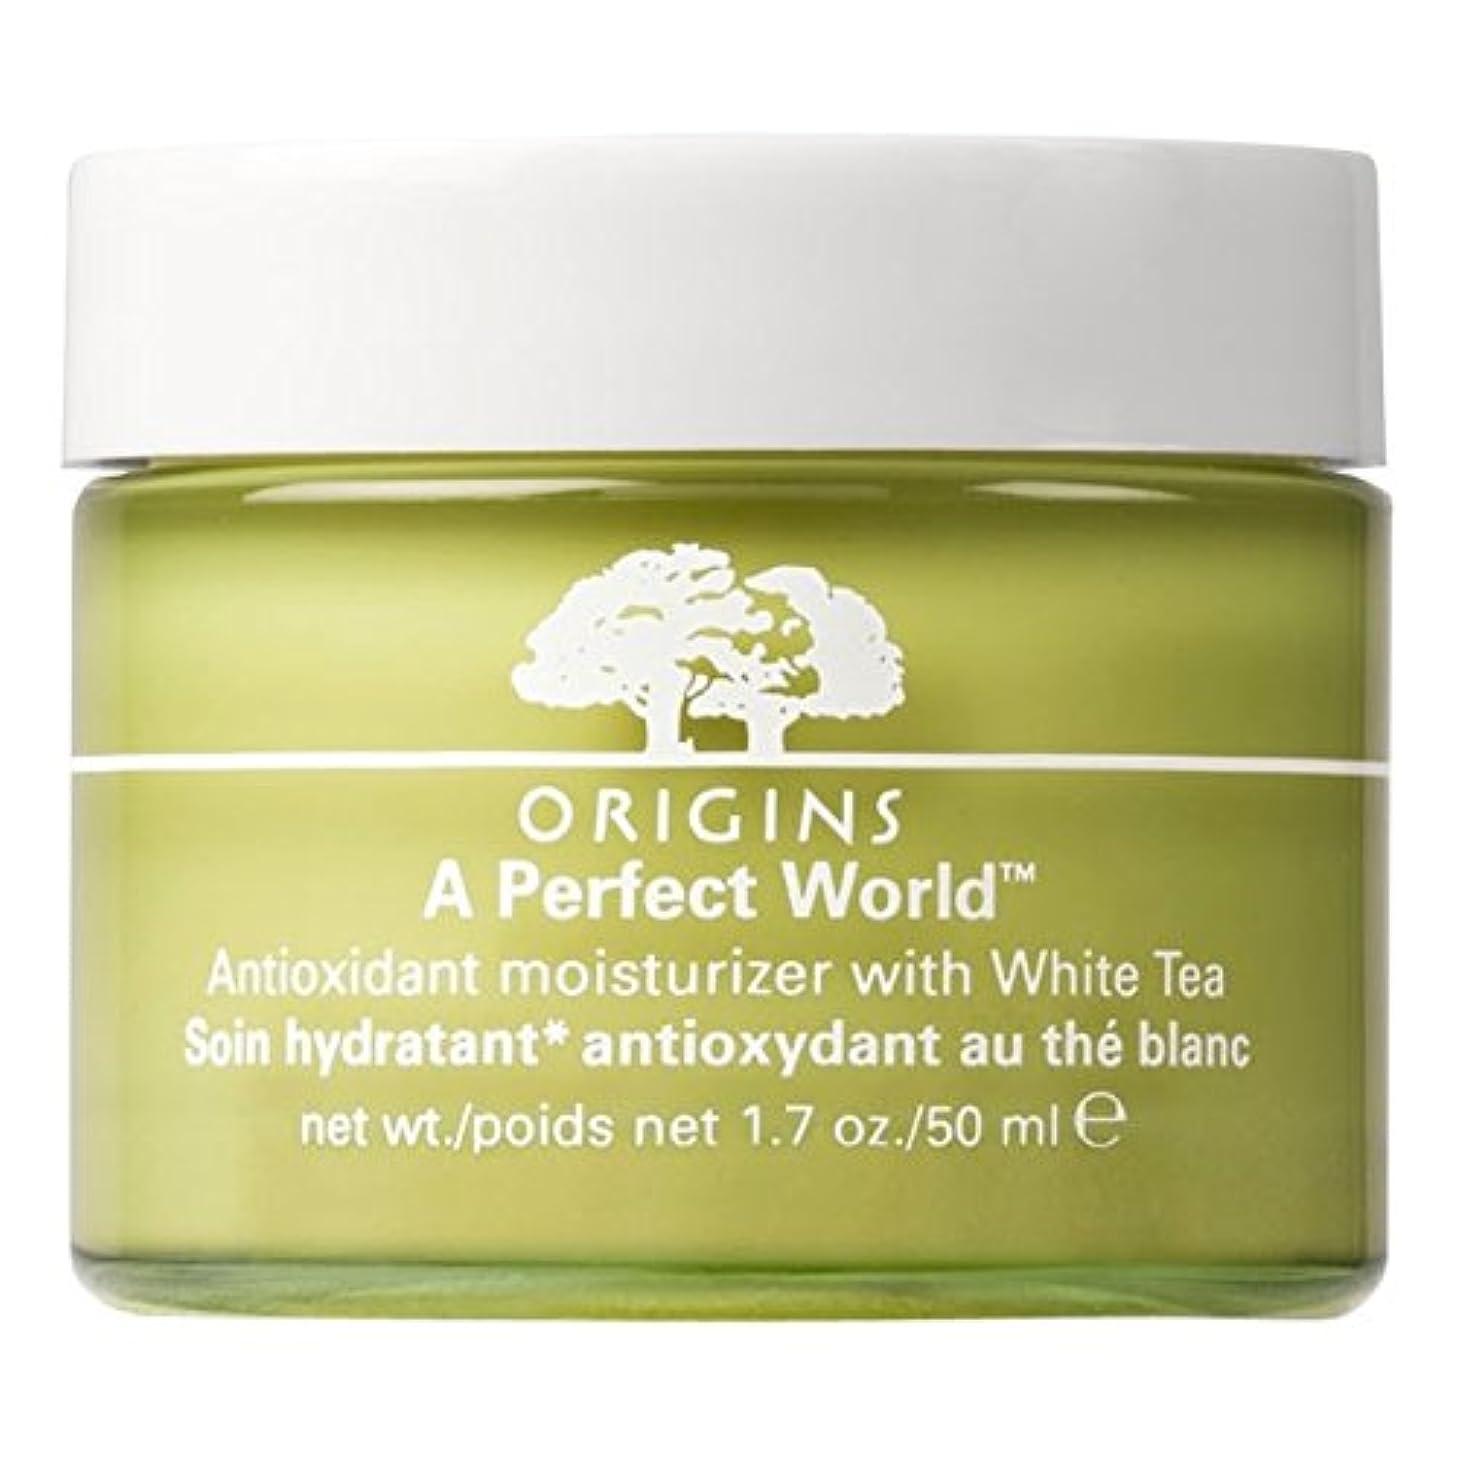 赤請求書アーサーホワイトティー、50ミリリットルと抗酸化剤の保湿?起源完璧な世界を (Origins) (x6) - Origins A Perfect World? Antioxidant Moisturiser With White Tea, 50ml (Pack of 6) [並行輸入品]